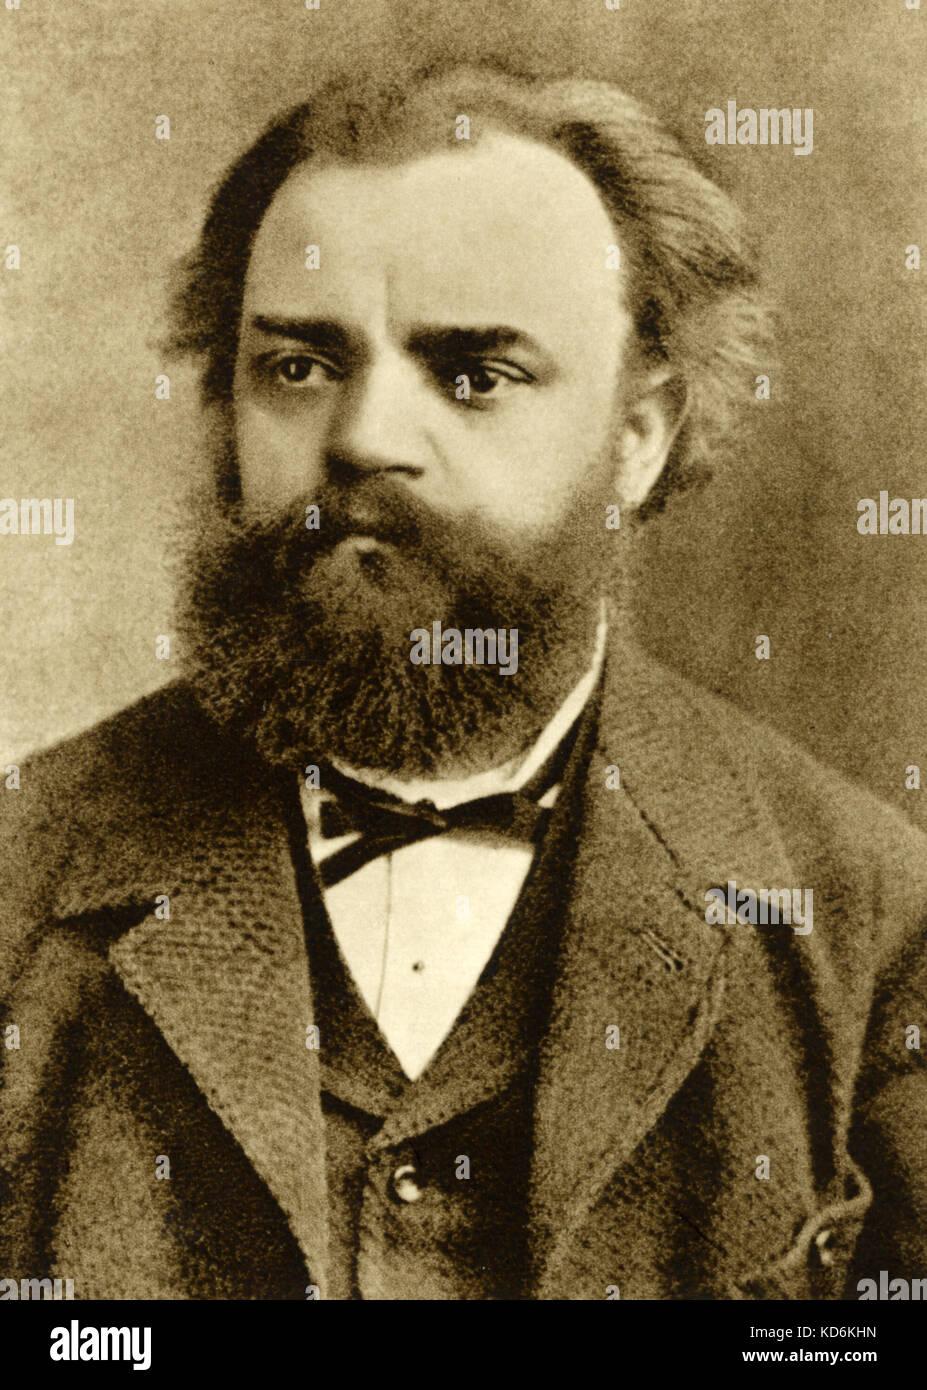 Antonin dvorak portrait czech composer 8th september 1841 for Mobel dvorak